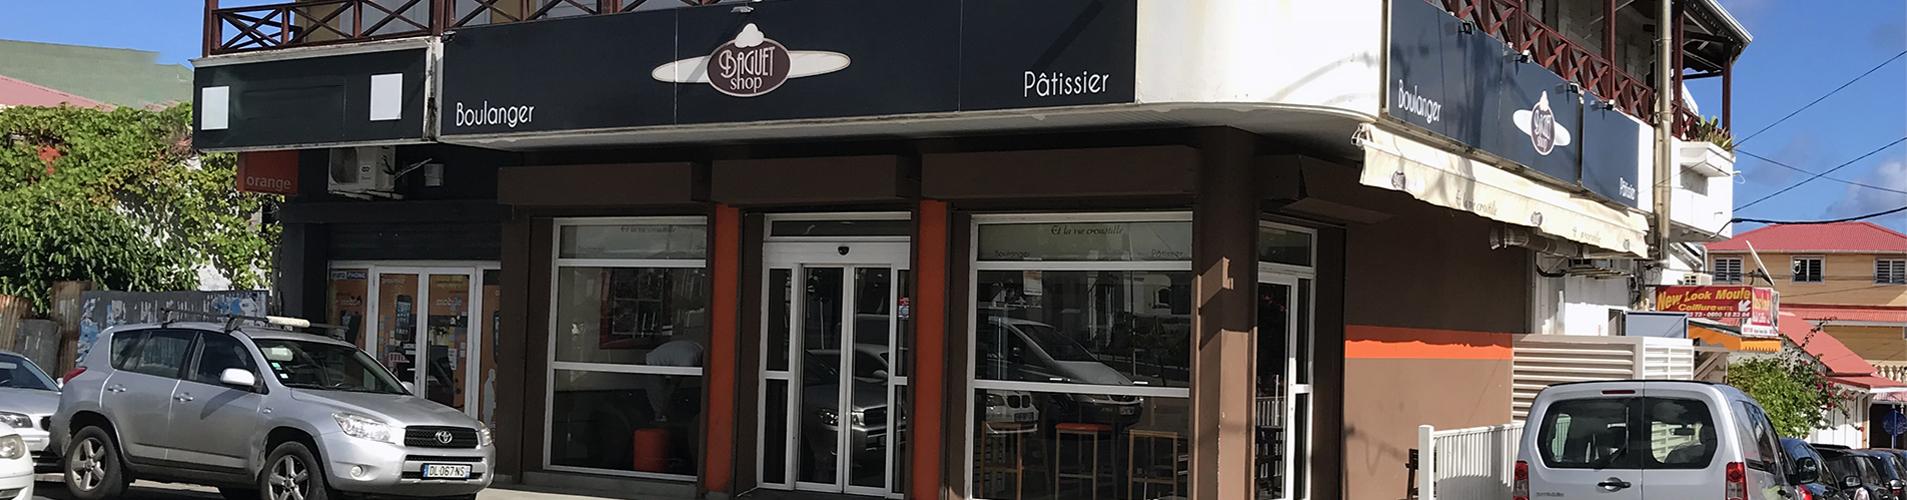 Façade Baguet-Shop Le moule